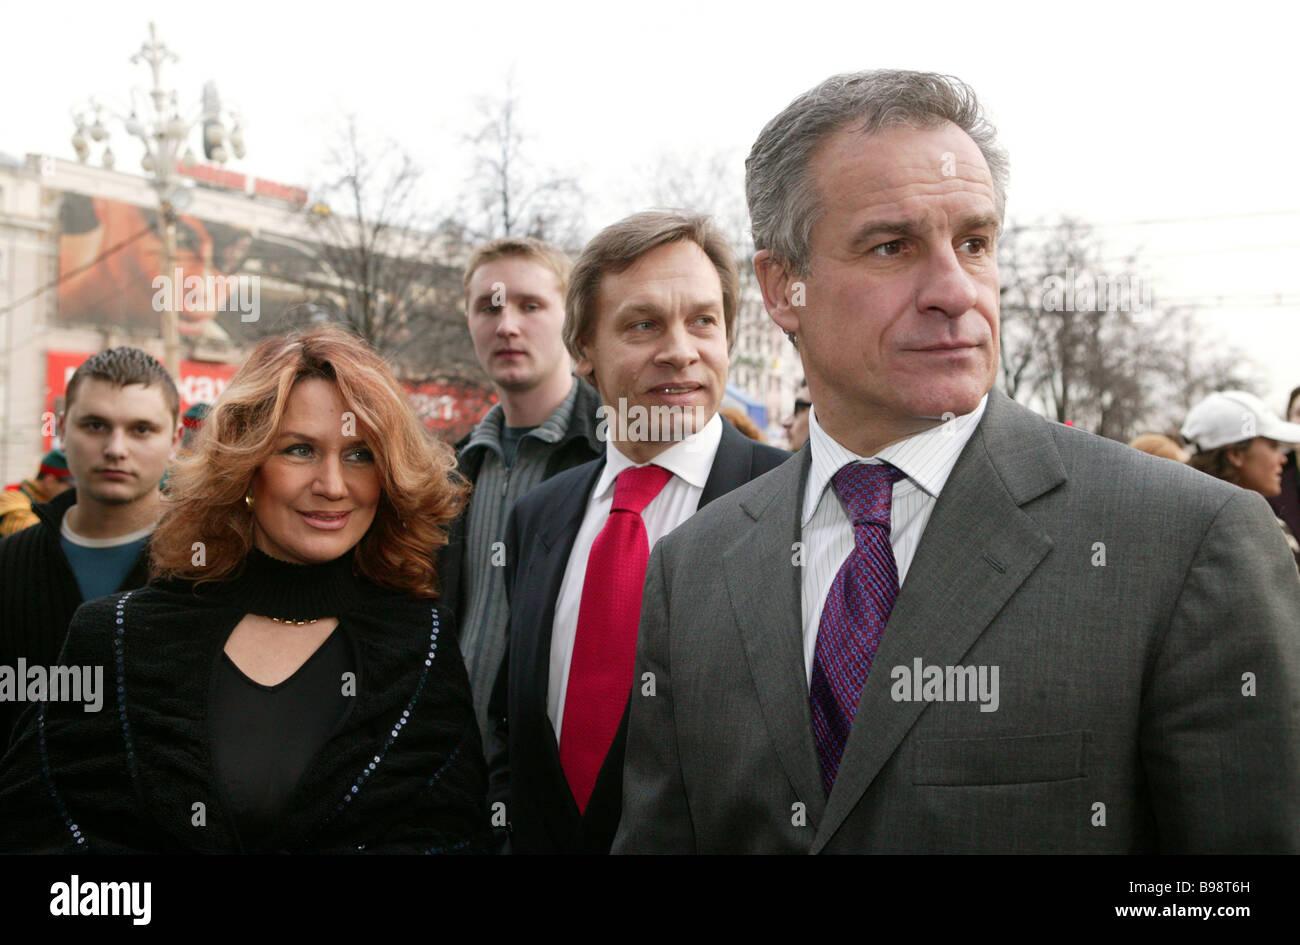 Aiuto presidenziale sulle relazioni UE-Sergei Yastrzhembsky destra e TV minder Alexey Pushkov a sinistra al Statsky Immagini Stock